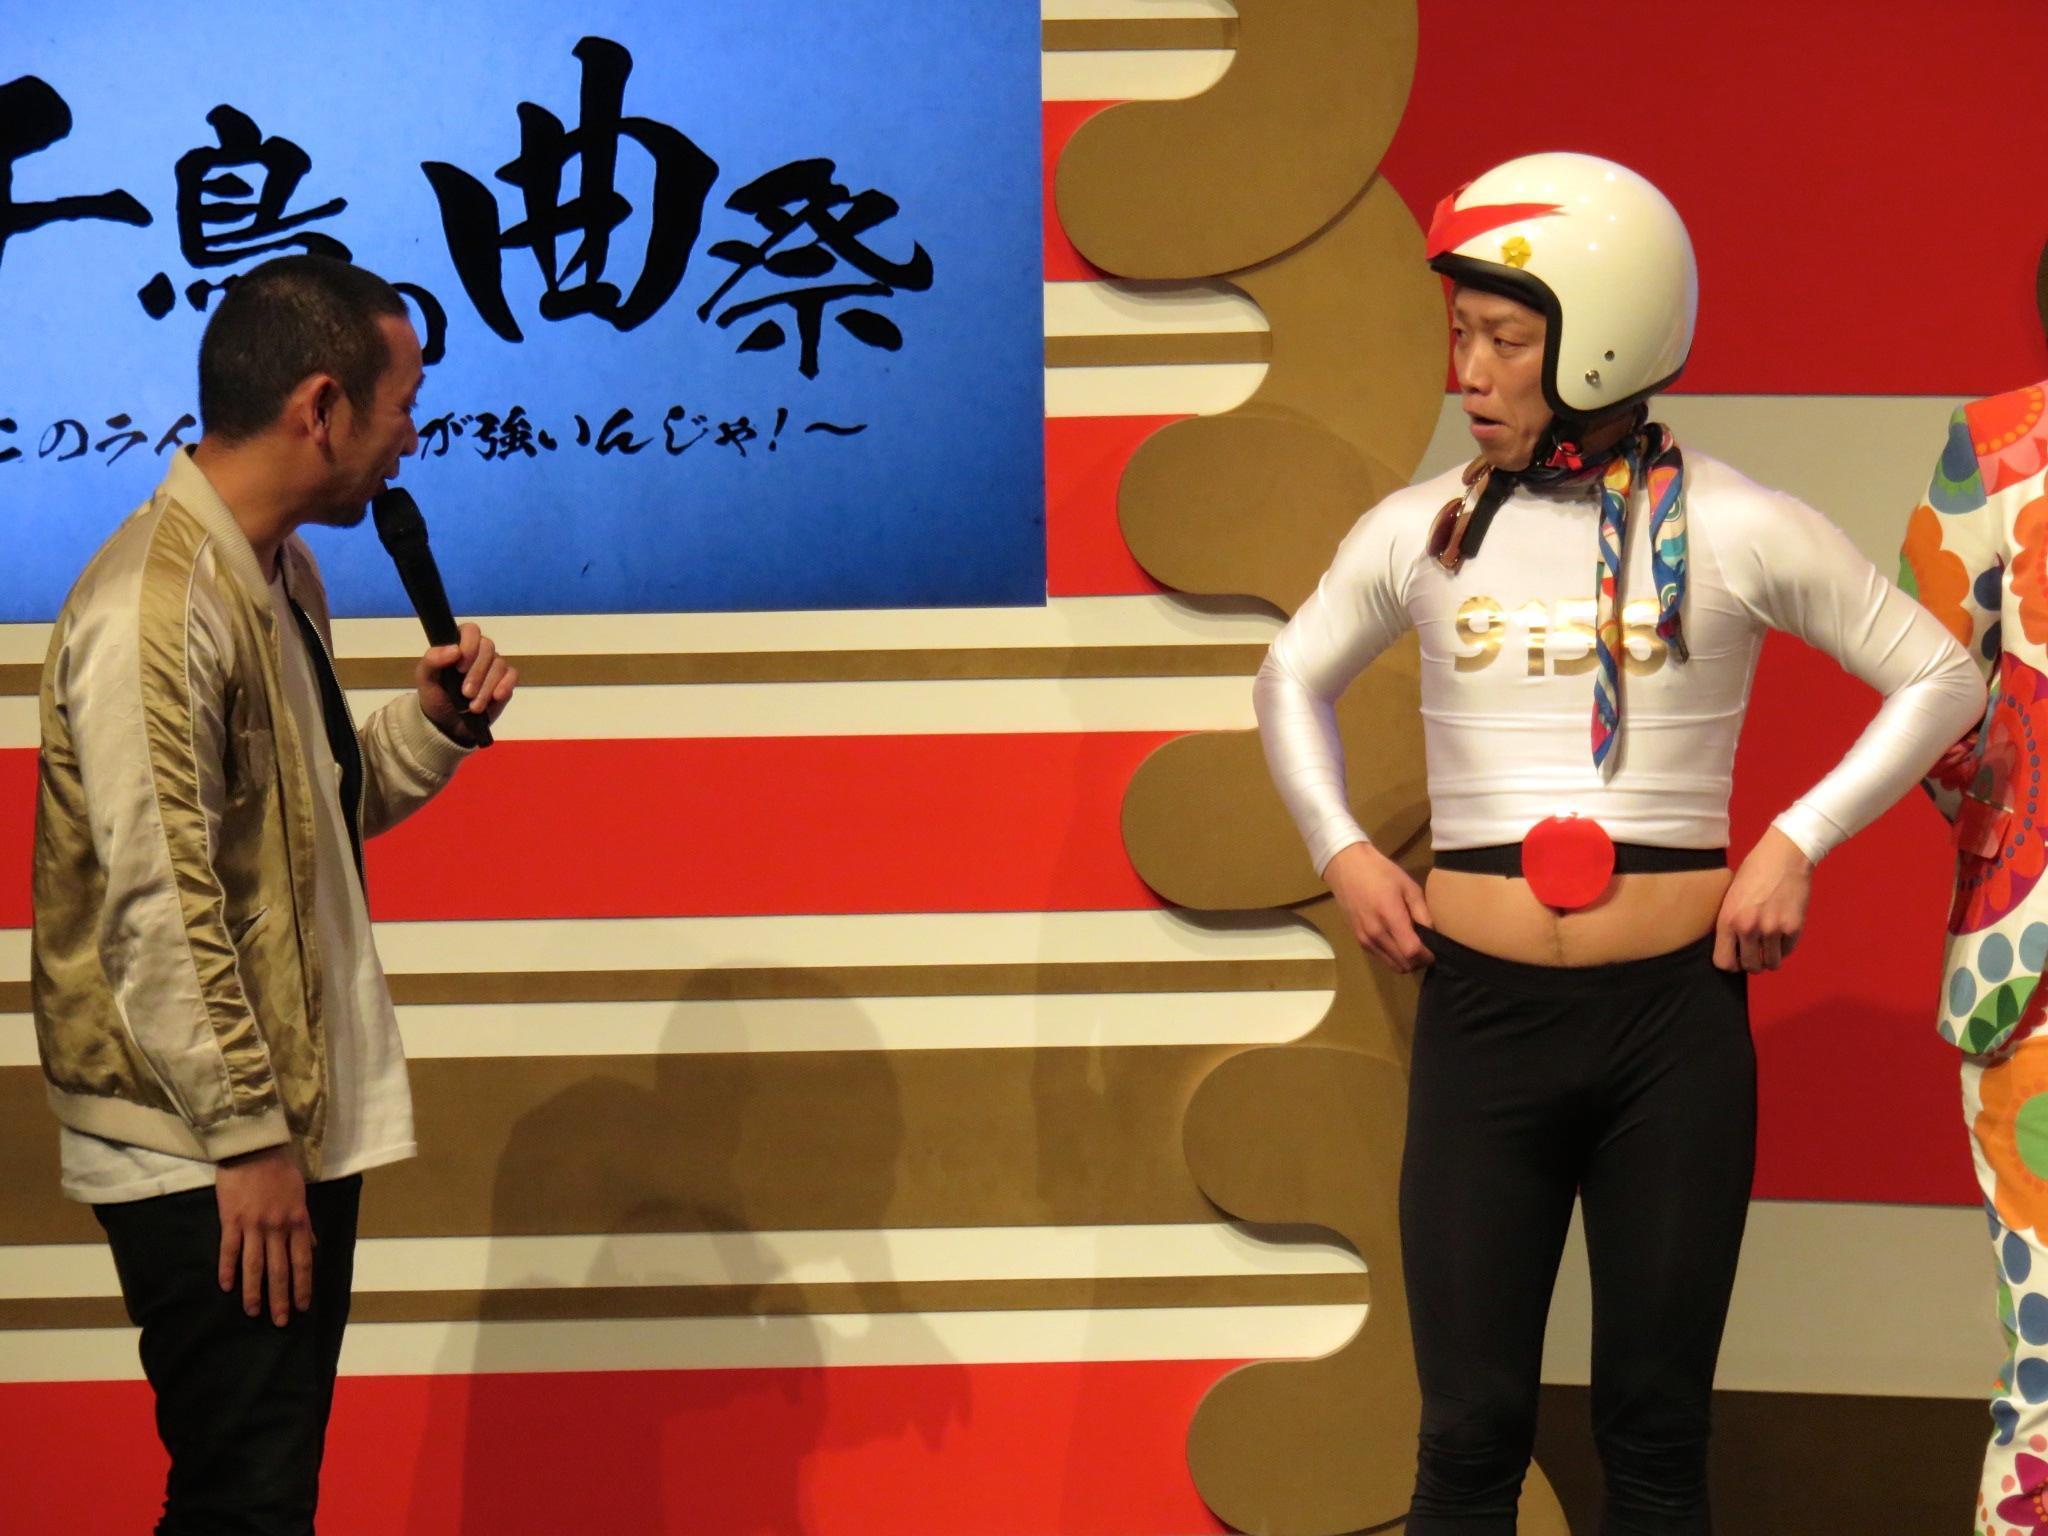 http://news.yoshimoto.co.jp/20170318121858-e3511f5a8ceb1b71ad001e9942c0b37207443aef.jpg